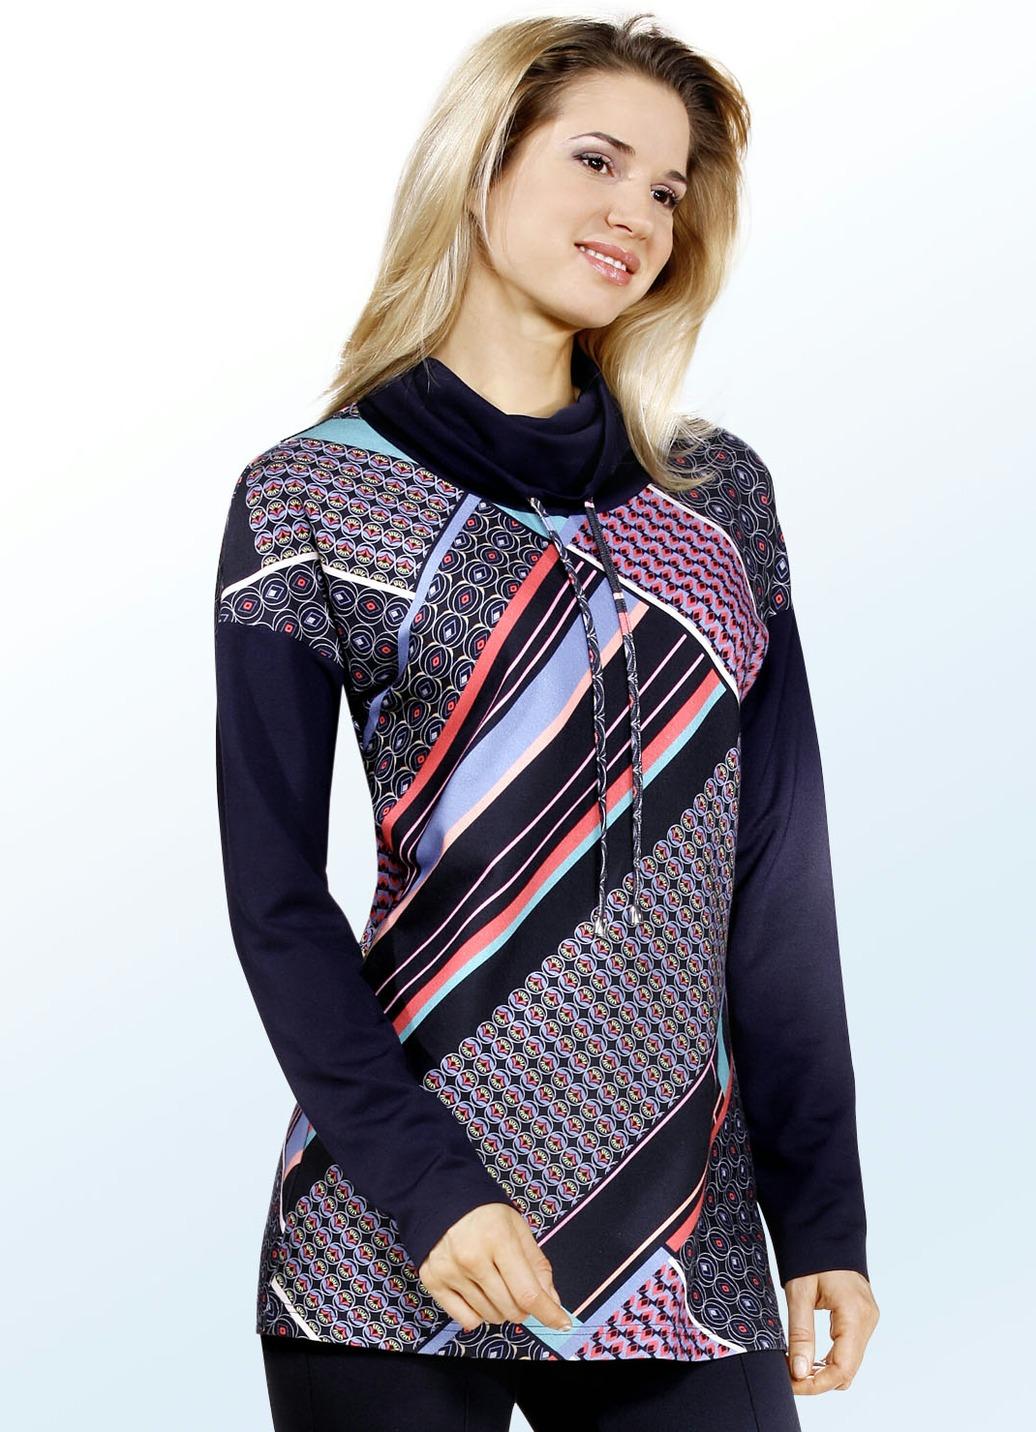 ELENA EDEN Shirt mit Inkjet-Druck Multicolor Größe 40 Damen Preisvergleich